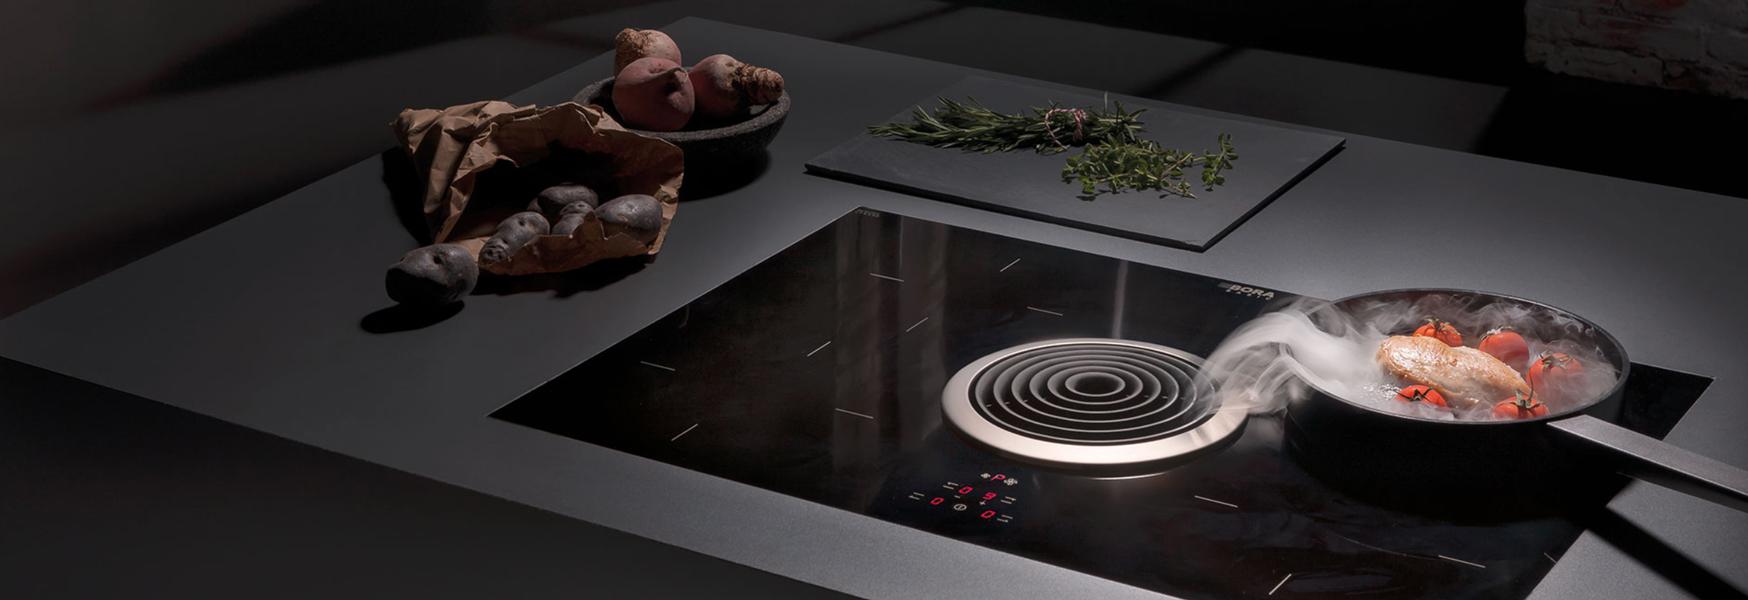 martijn vestjens keukens design voor een eerlijke prijs. Black Bedroom Furniture Sets. Home Design Ideas